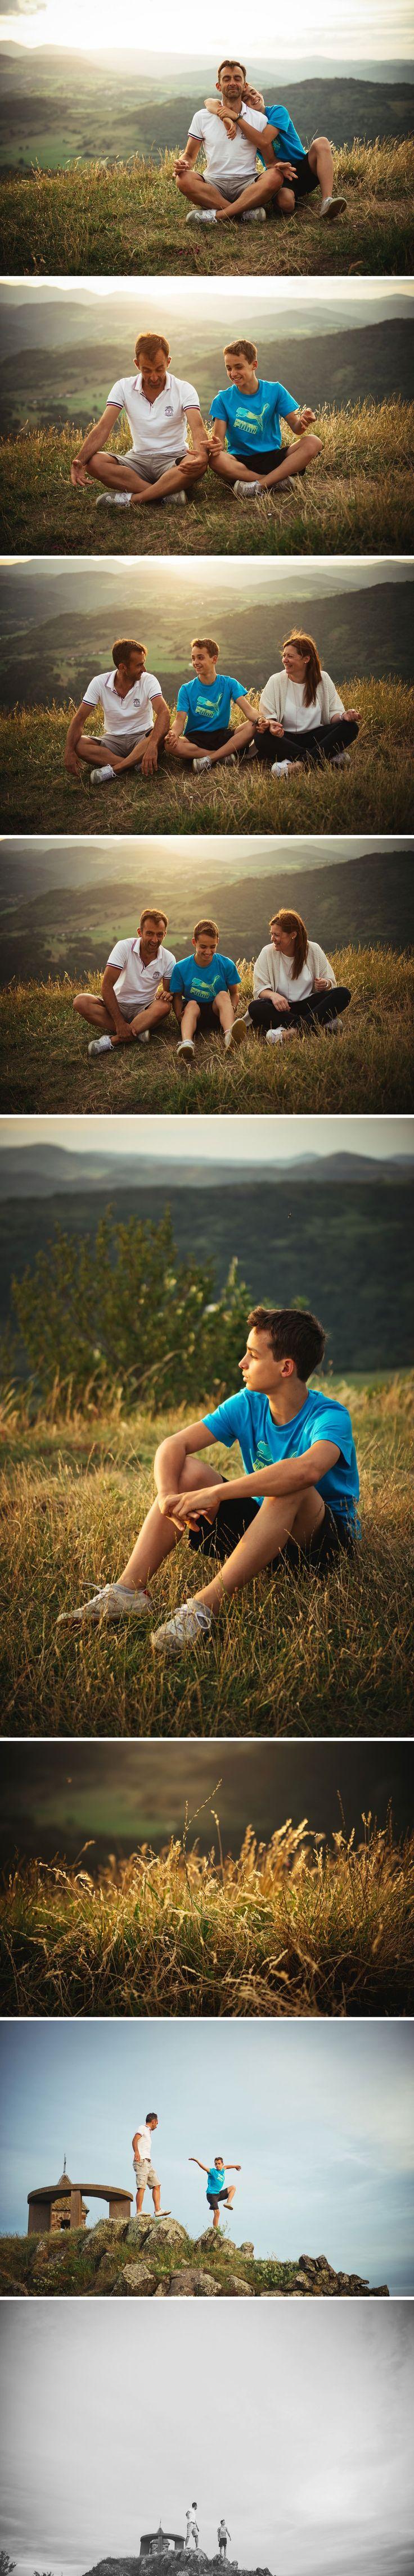 Photographe de famille en lifestyle - séance sur le thème des arts martiaux - famille avec adolescent // Zépjyr et Luna Photographie